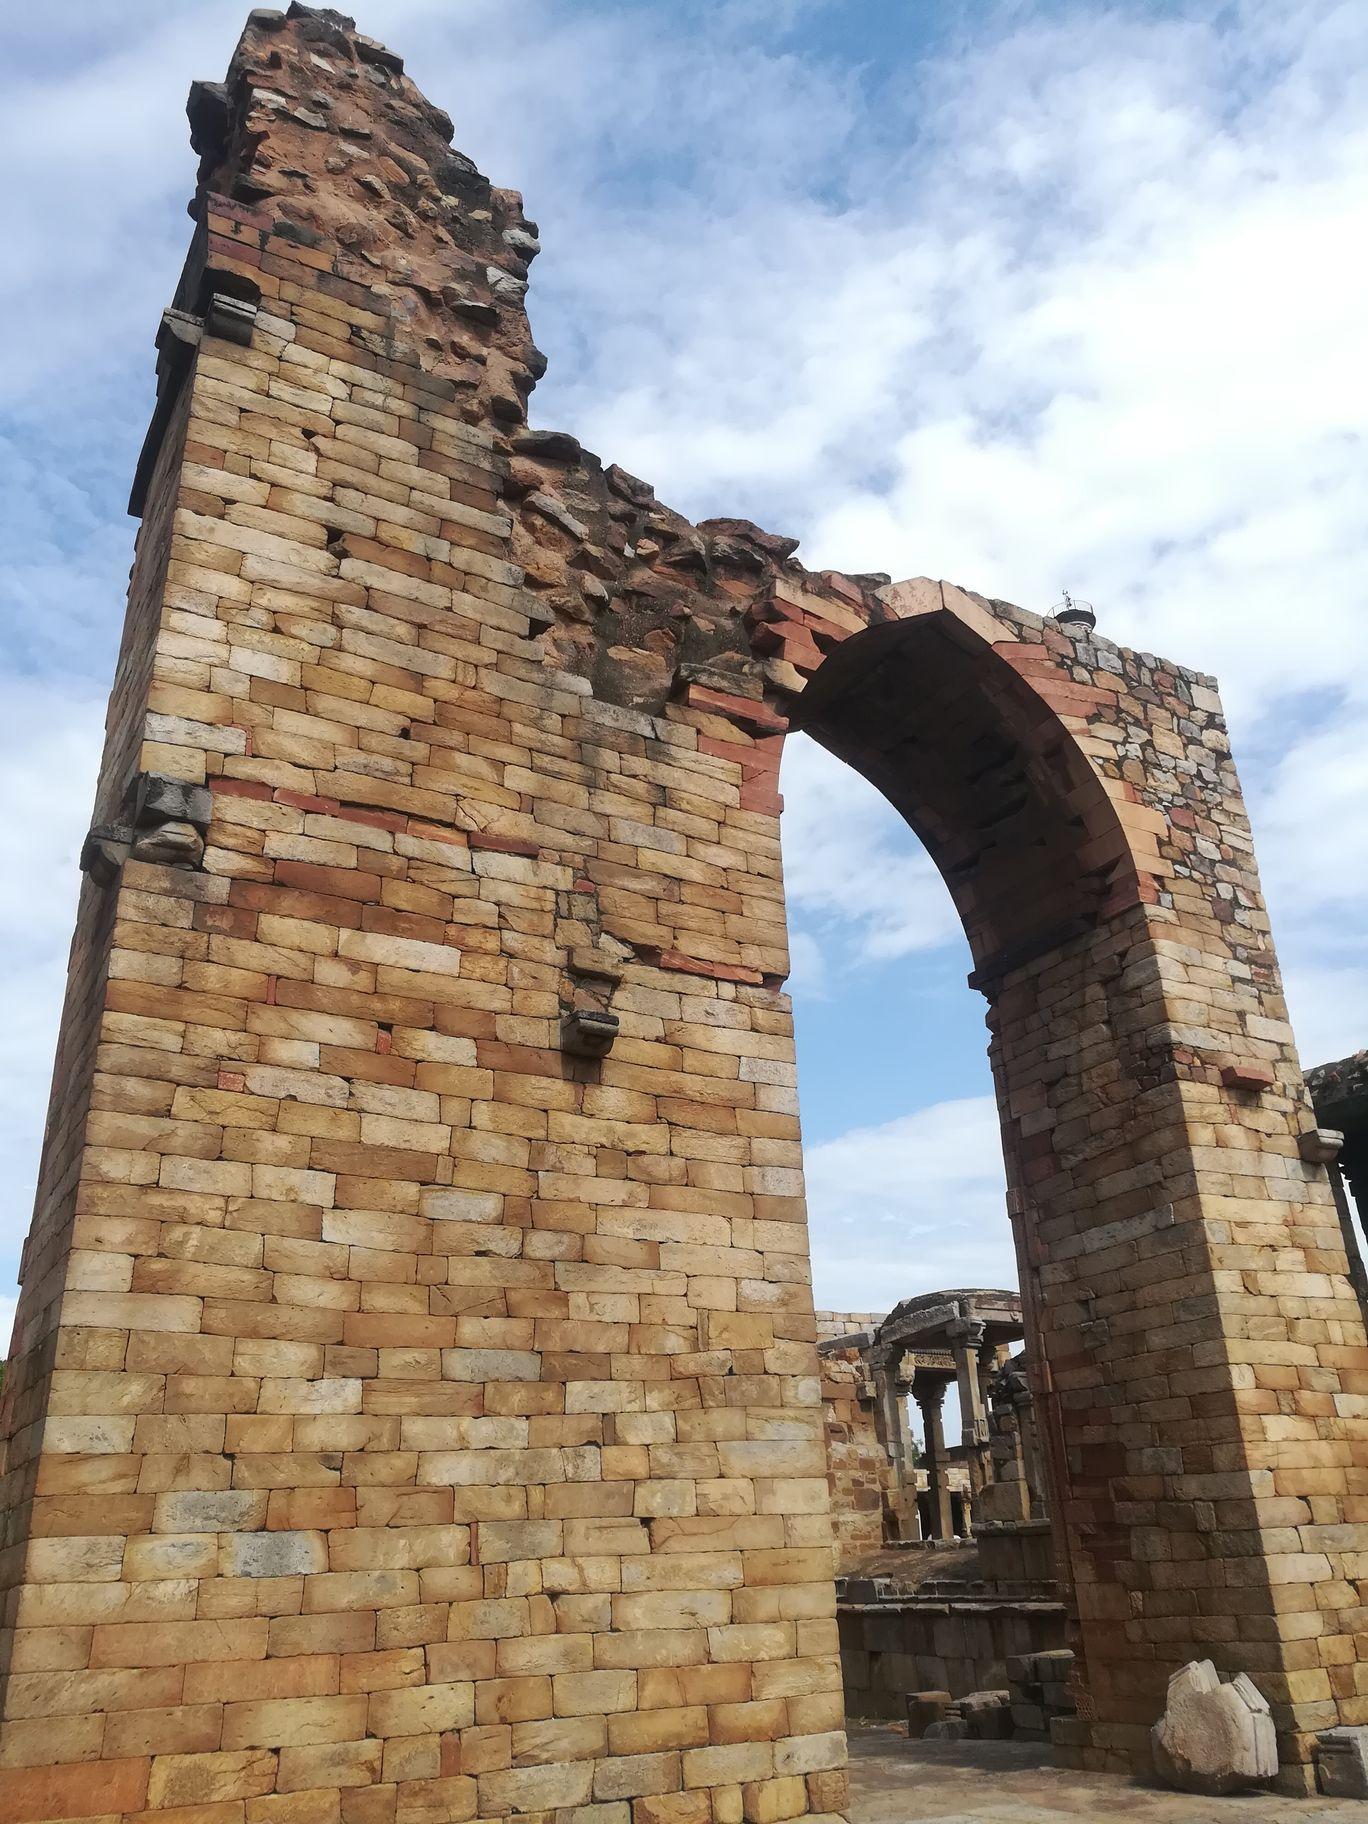 Photo of Qutub Minar By Wąðhãwåń Sąåß